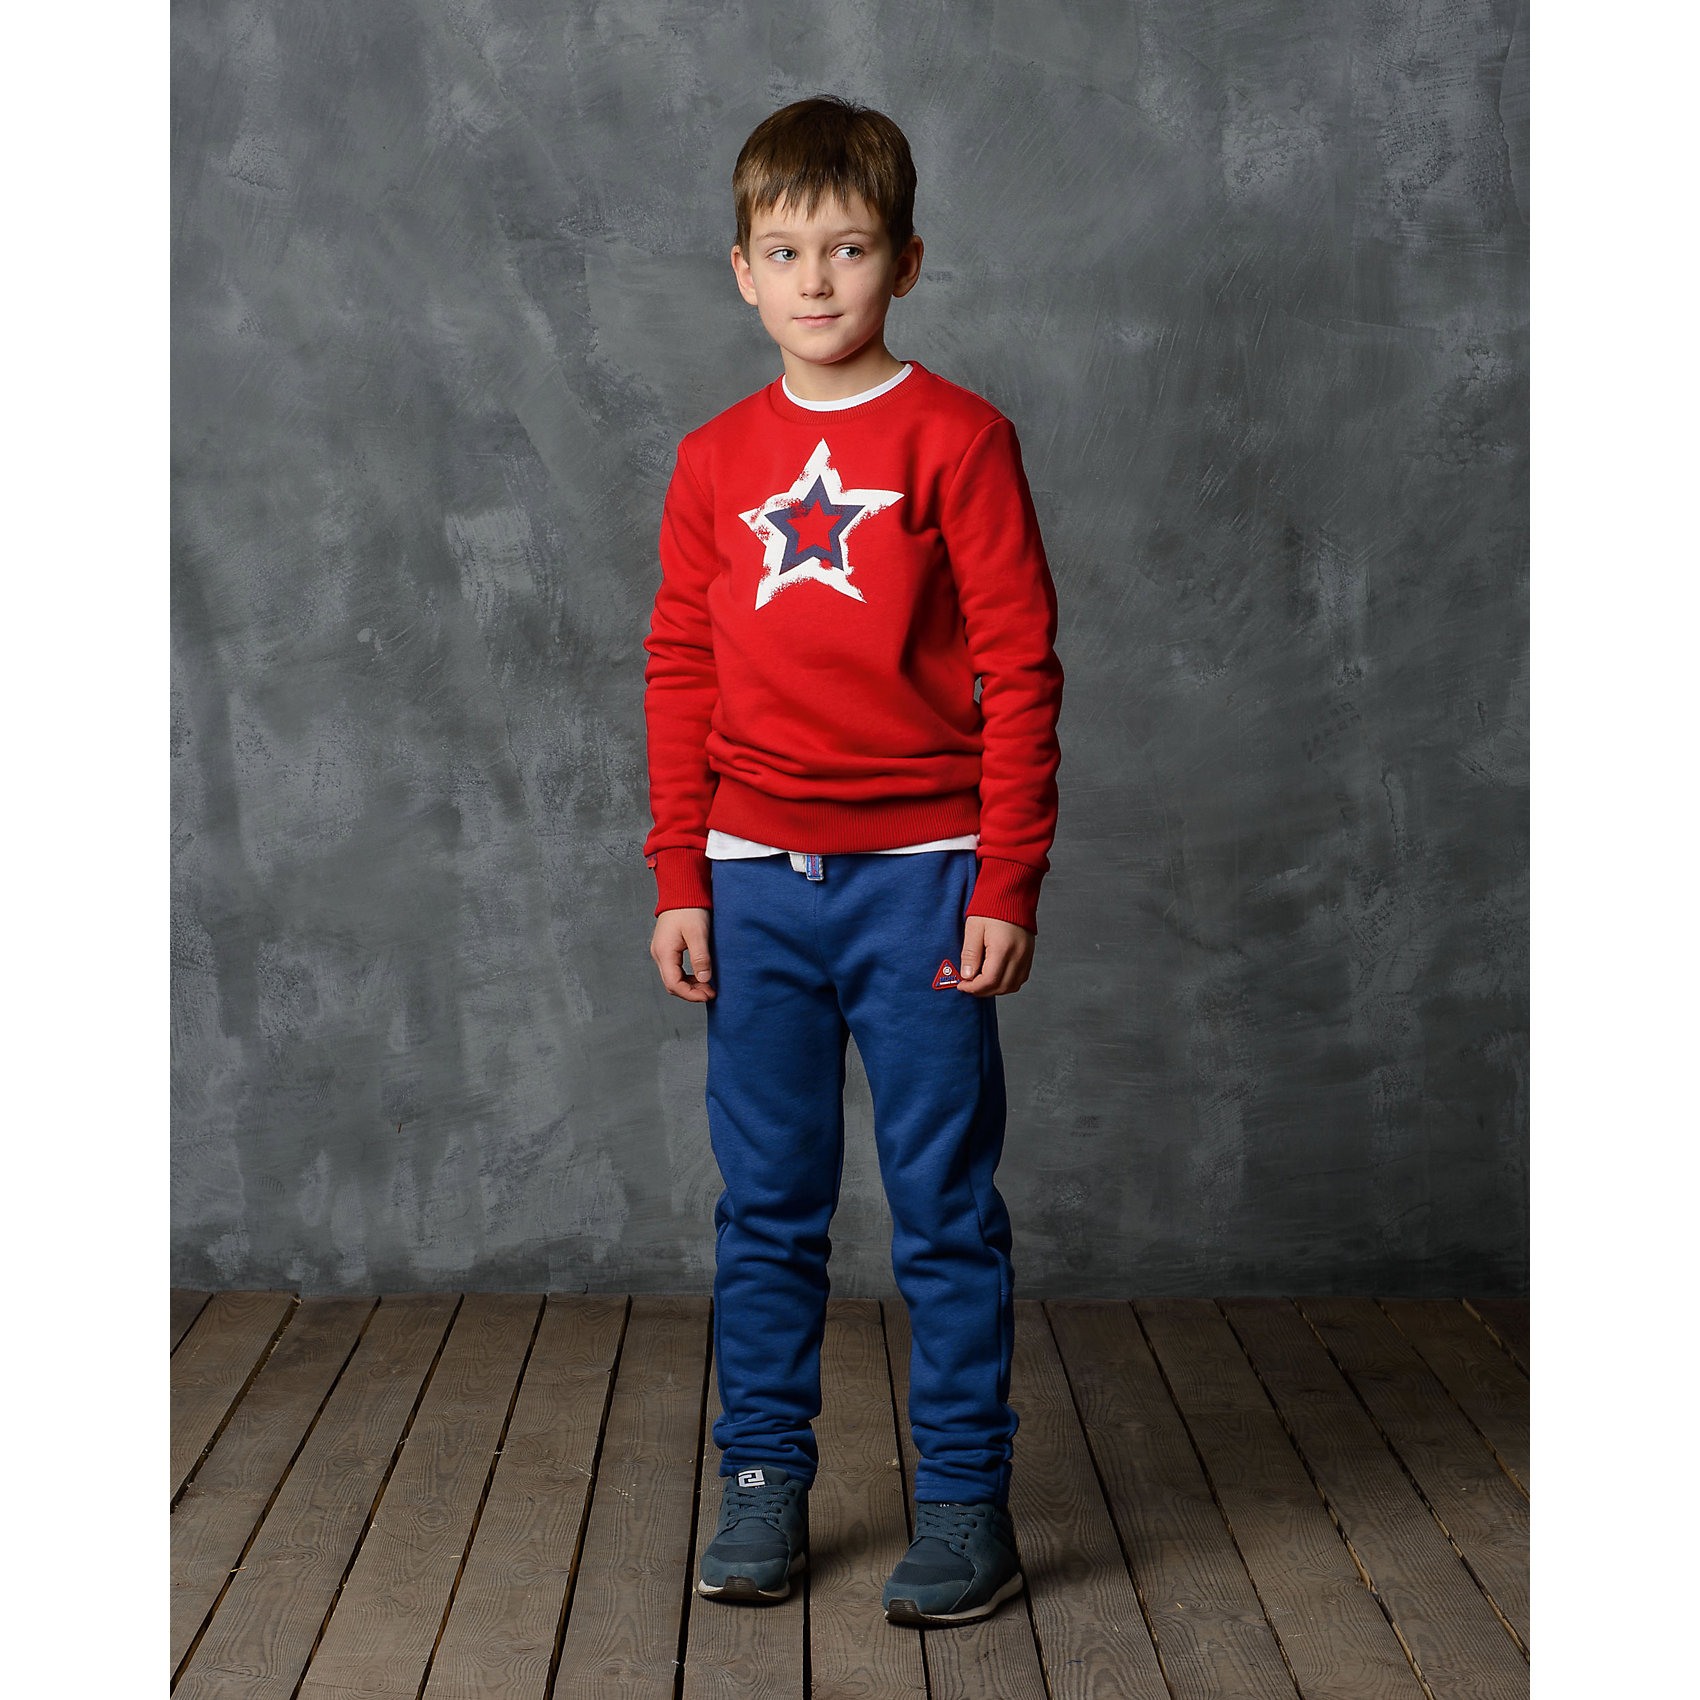 Брюки для мальчика Modniy JukБрюки<br>Характеристики товара:<br><br>• цвет: синий<br>• состав: 70% хлопок, 30% полиэстер<br>• спортивный силуэт<br>• карманы<br>• пояс - мягкая резинка<br>• манжеты<br>• логотип<br>• шнурок в поясе<br><br>• страна бренда: Российская Федерация<br>• страна производства: Российская Федерация<br><br>Модели одежды из новой коллекции от бренда Модный жук - это стильные и удобные вещи, созданные специально для детей. Они отличаются продуманным дизайном, качественными материалами и комфортной посадкой. Дети носят их с удовольствием! Стильные брюки спортивного силуэта - хит сезона, отличный вариант базовой вещи для разной погоды. Они отлично сочетаются с майками, футболками, куртками. Хорошо сидят по фигуре.<br>Одежда и аксессуары от российского бренда Модный жук - это способ пополнить гардероб ребенка модными изделиями по доступной цене. Для их производства используются только безопасные, проверенные материалы и фурнитура. Новая коллекция поддерживает хорошие традиции бренда! <br><br>Брюки для мальчика от популярного бренда Модный жук можно купить в нашем интернет-магазине.<br><br>Ширина мм: 215<br>Глубина мм: 88<br>Высота мм: 191<br>Вес г: 336<br>Цвет: синий<br>Возраст от месяцев: 168<br>Возраст до месяцев: 180<br>Пол: Мужской<br>Возраст: Детский<br>Размер: 164/170,110/116,116/122,122/128,128/134,134/140,140/146,158/164<br>SKU: 5613649